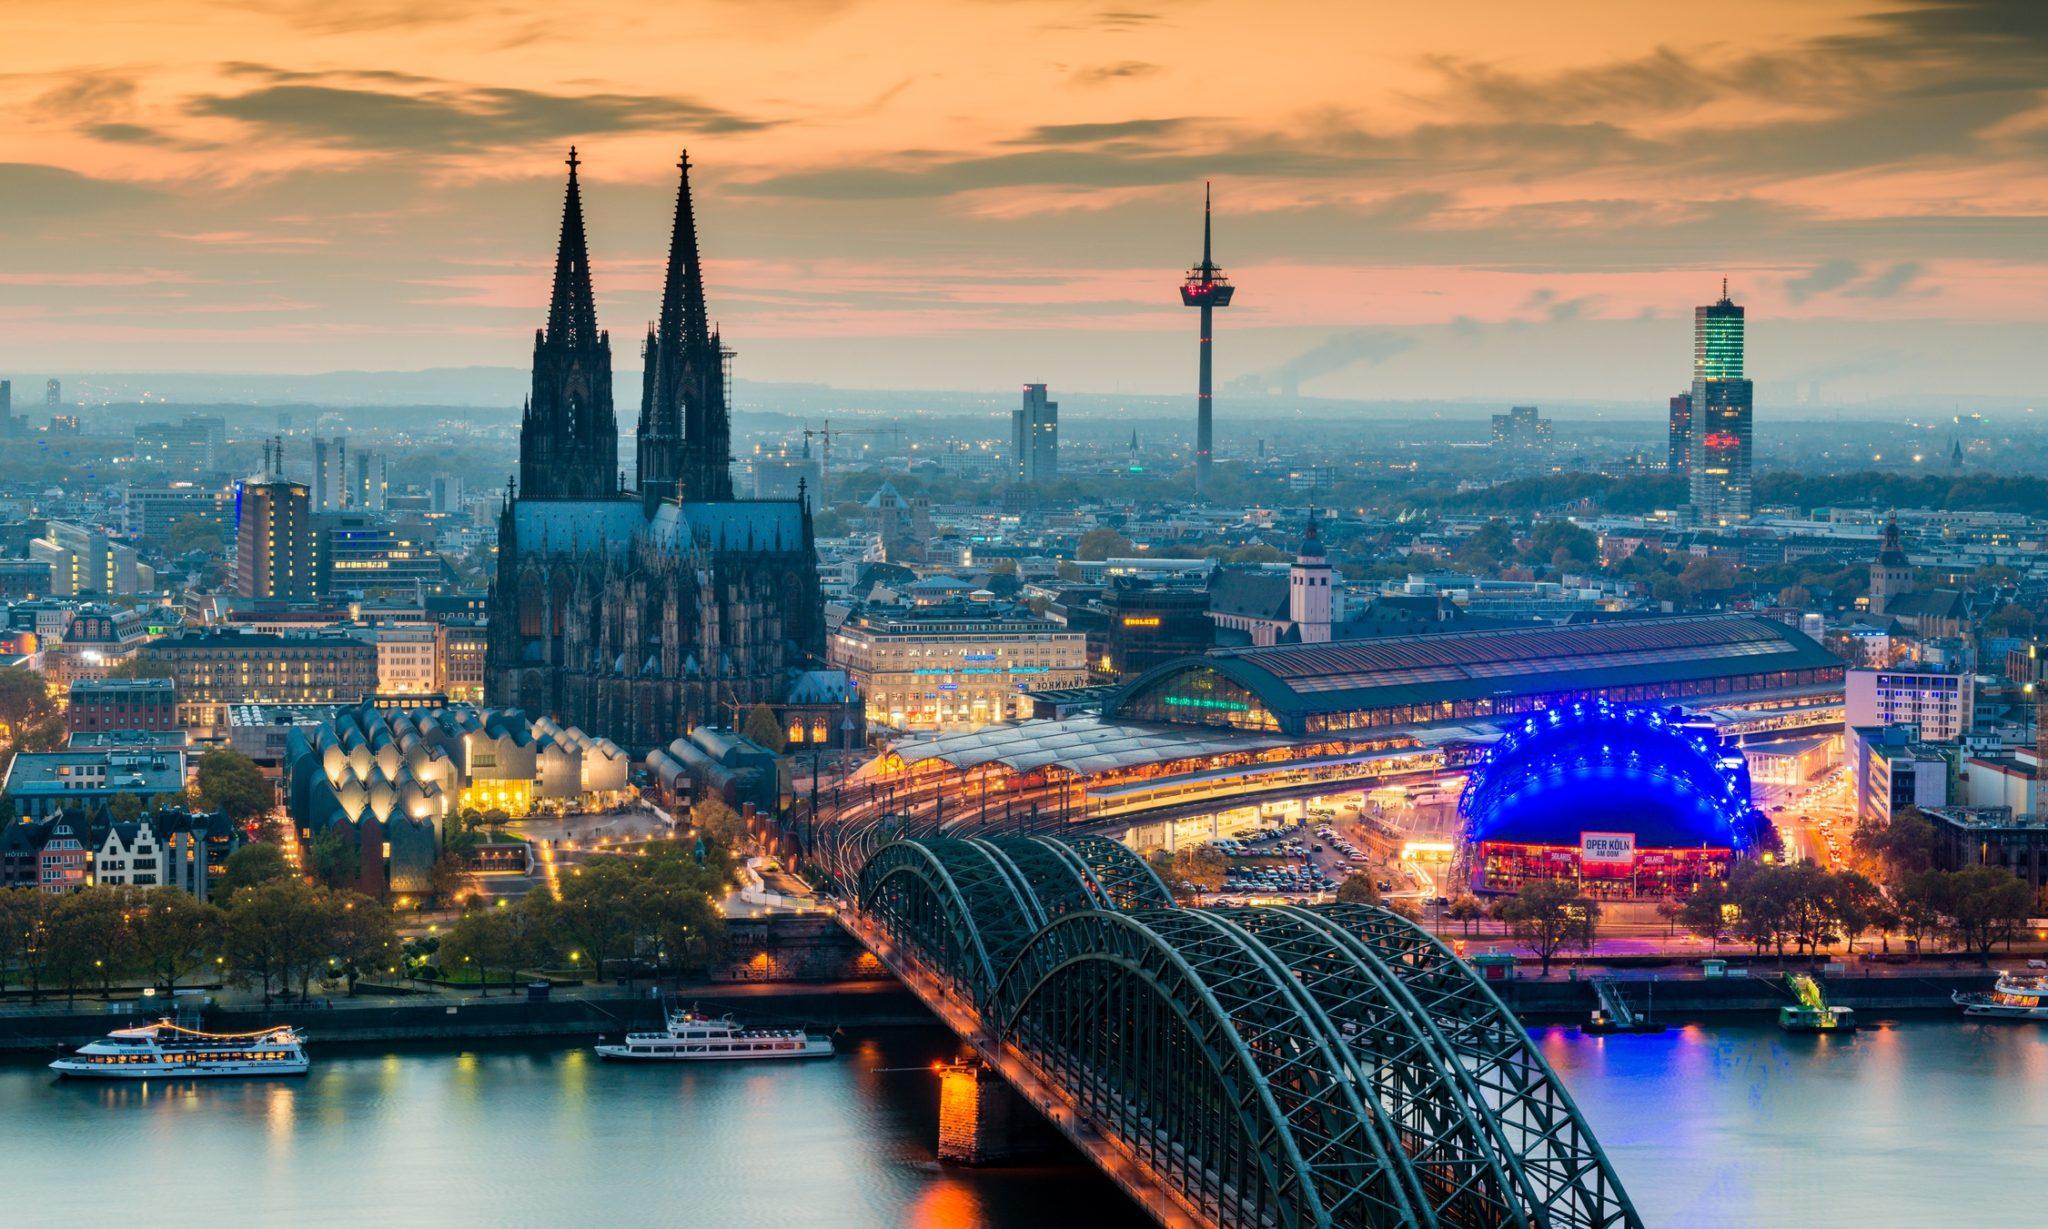 Haushaltsauflösung und Entrümpelung in Köln